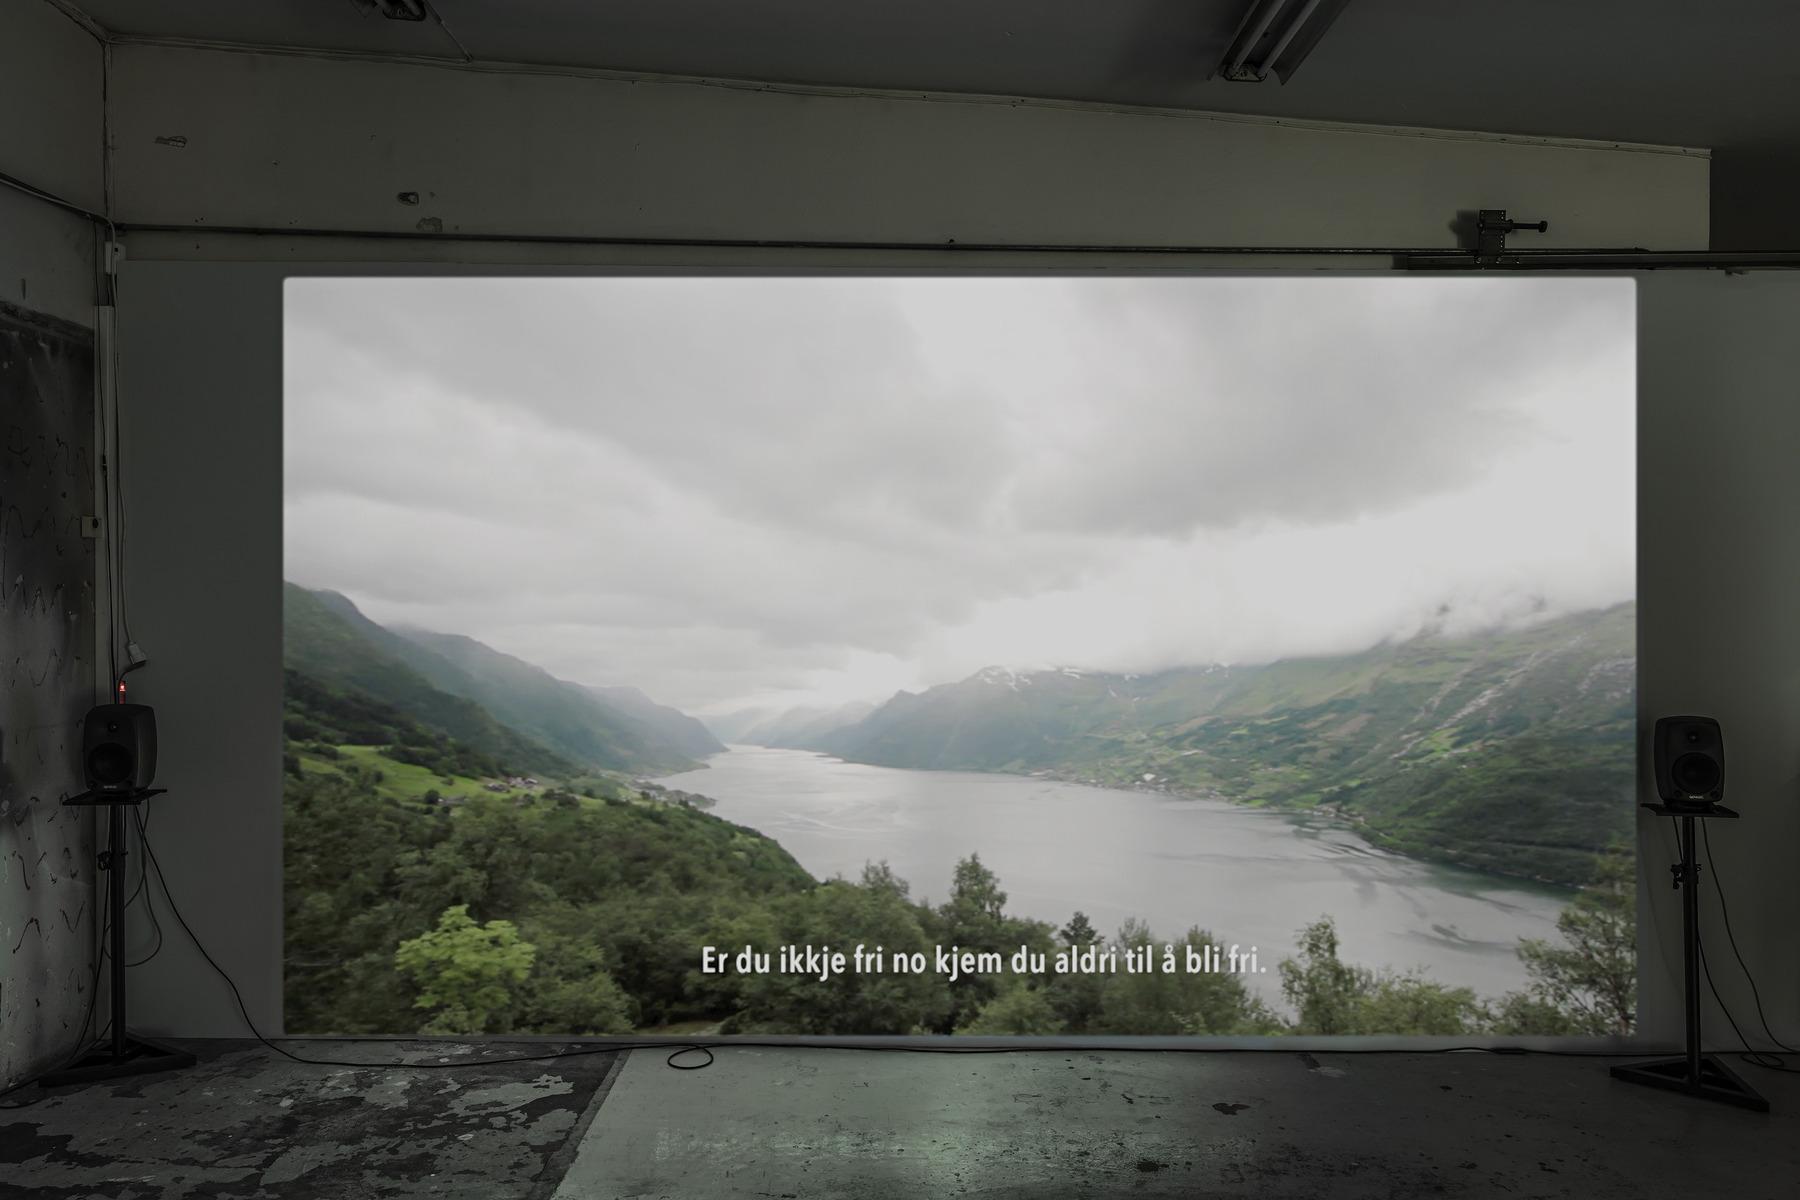 SCHLOSS_Leander Djønne_Øyde til Øyde_(video still 2 b)